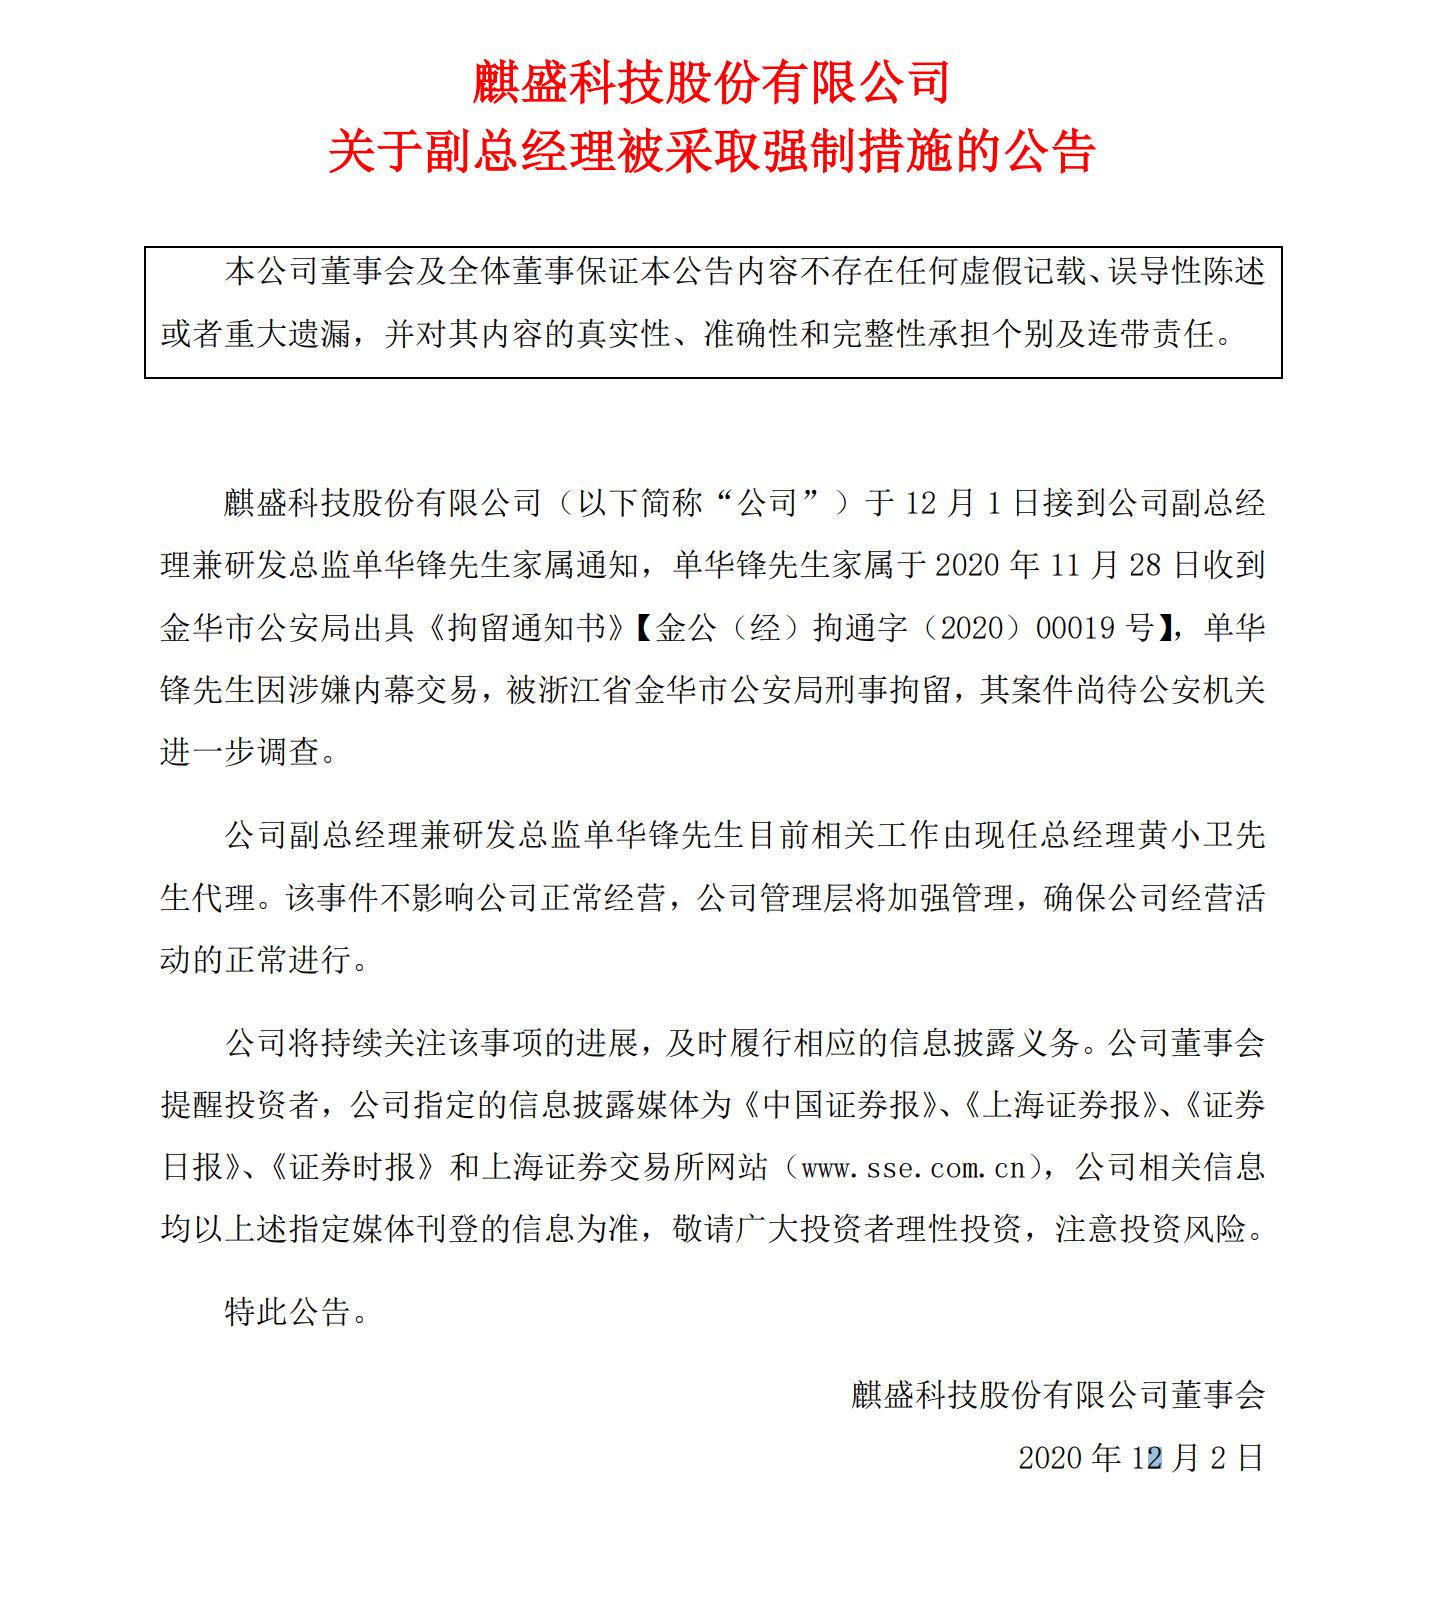 因涉嫌内幕交易,麒盛科技副总经理单华锋被刑拘